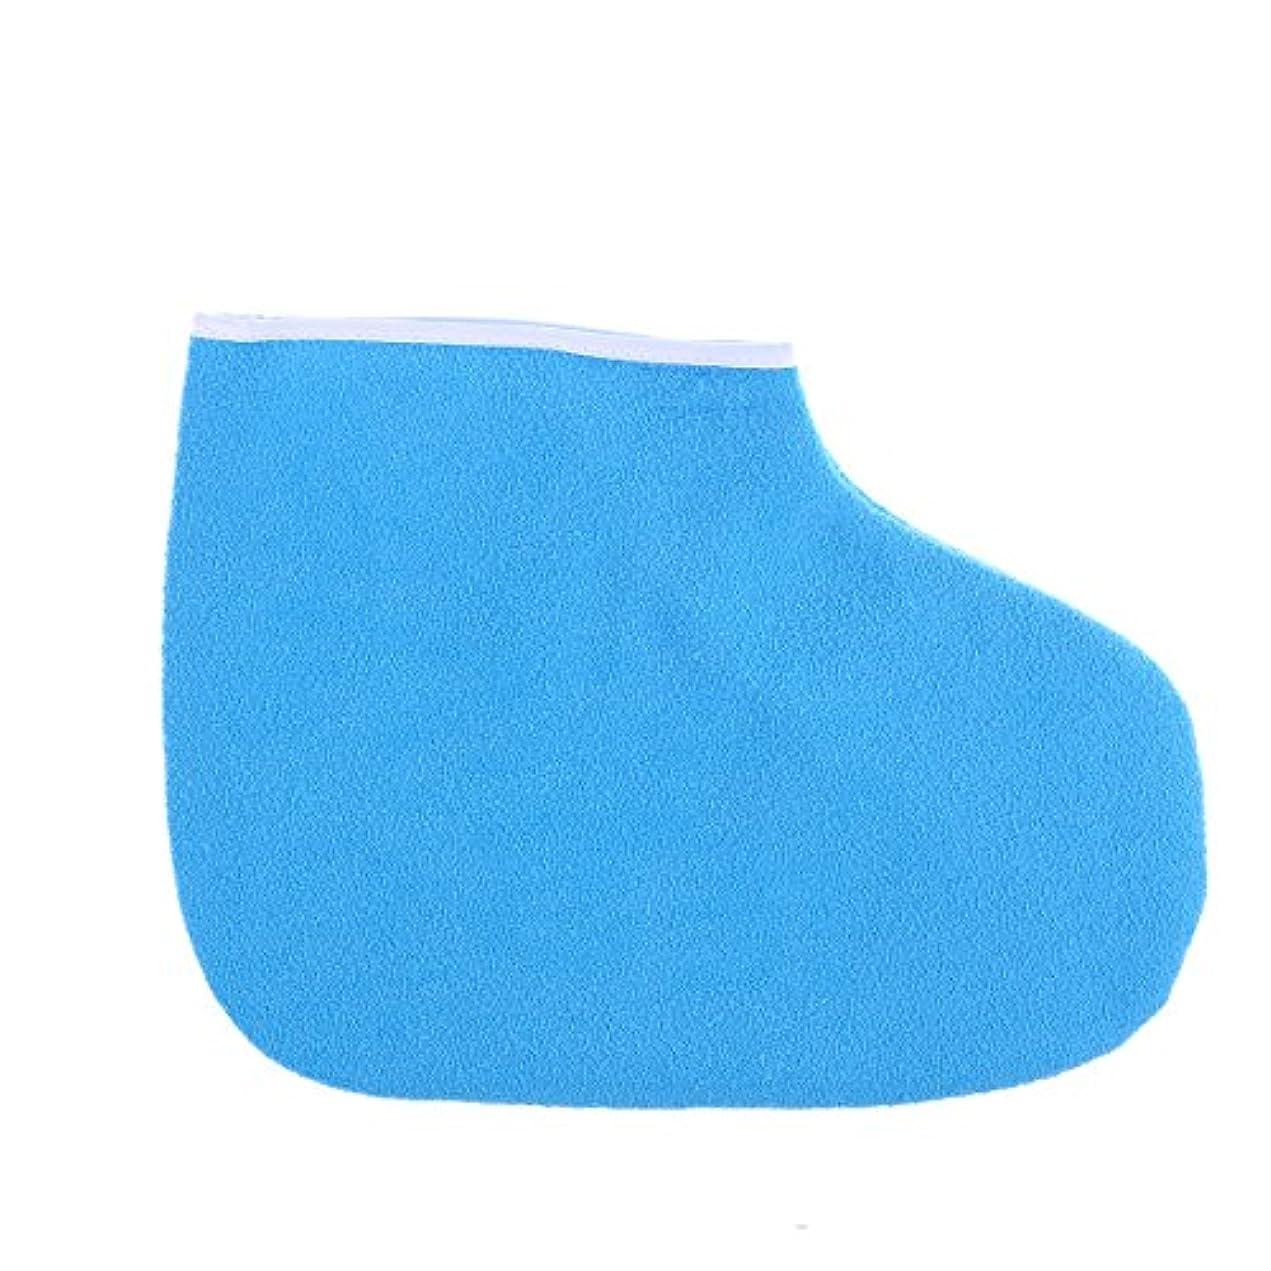 チューリップメディア乱雑なHEALLILY パラフィンブーティワックスバスフットスパカバー温熱療法絶縁ソフトコットン保湿フットストラップ(ブルー)